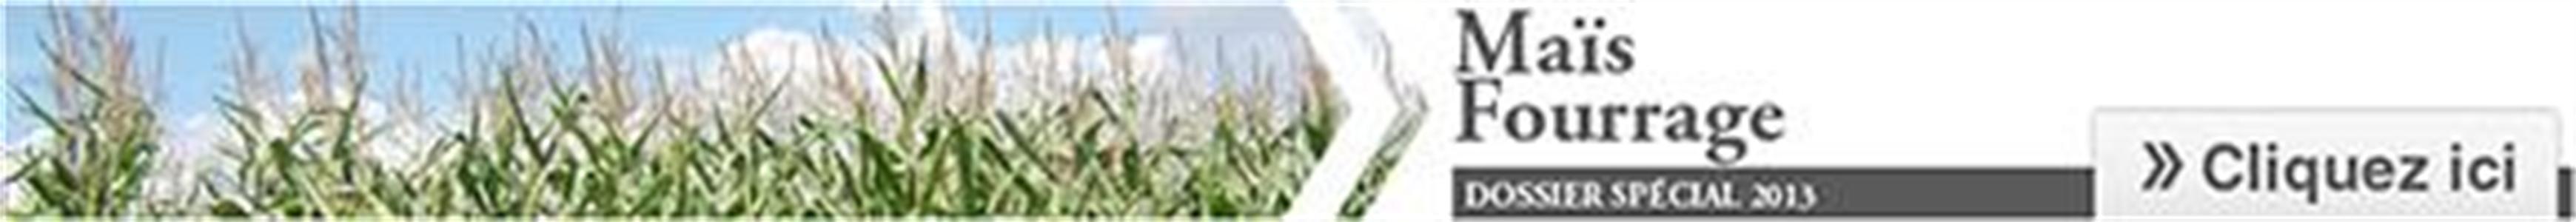 Cliquez sur l'image pour accéder au Dossier Spécial Maïs fourrage